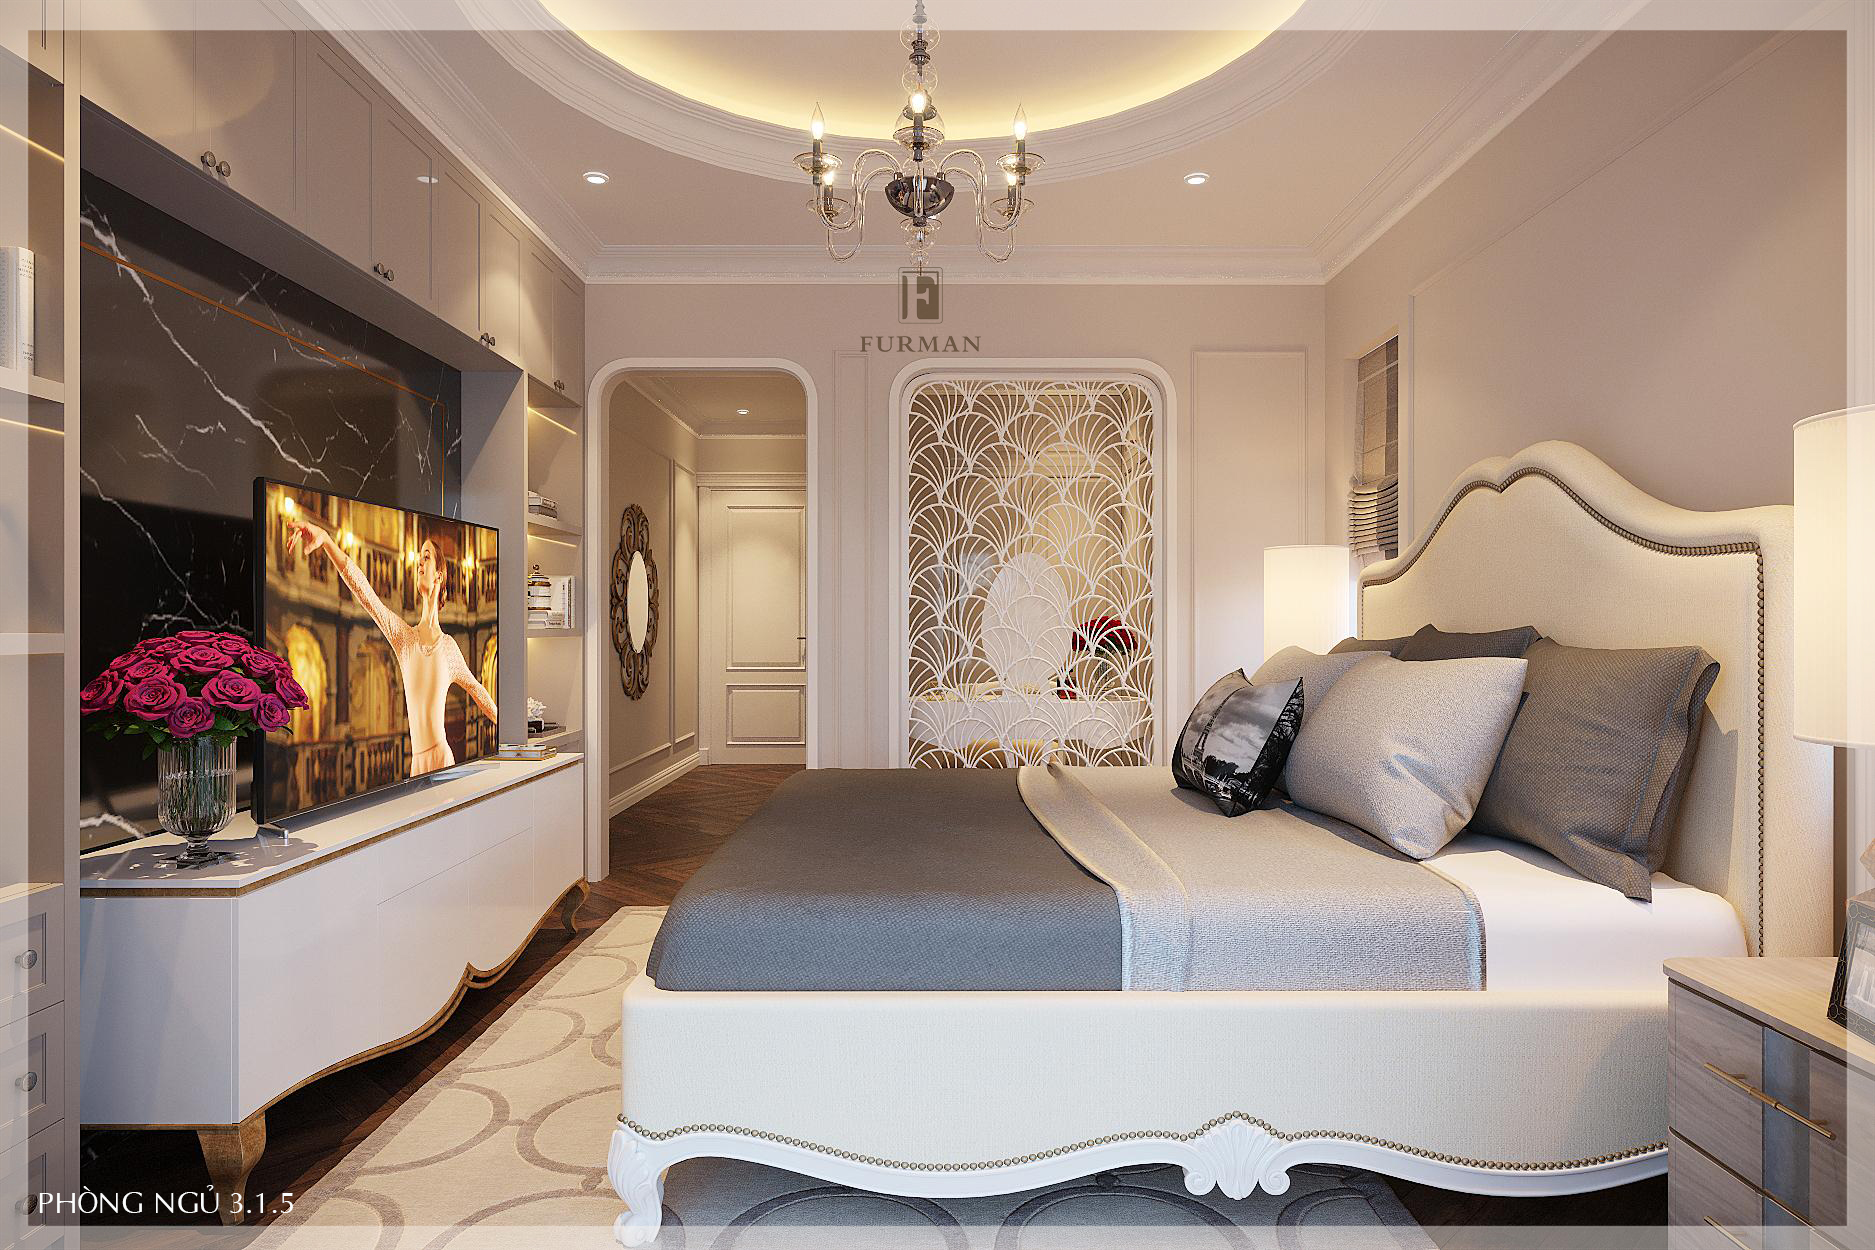 thiết kế nội thất biệt thự, thiết kế nội thất tân cổ điển, thiết kế nội thất cao cấp, thi công nội thất trọn gói, thi công nội thất biệt thự